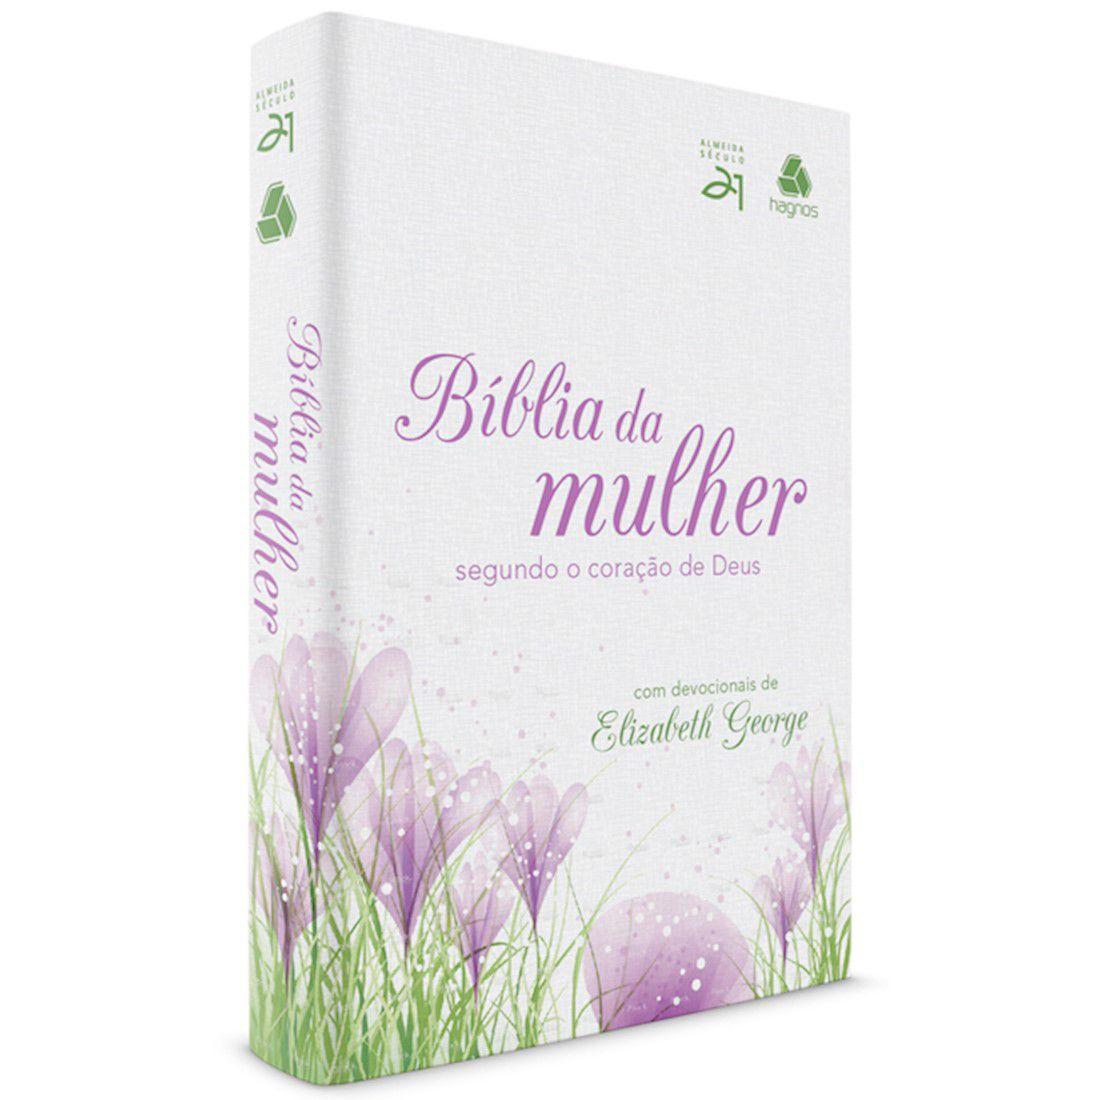 Bíblia da Mulher Segundo o Coração de Deus - Florais